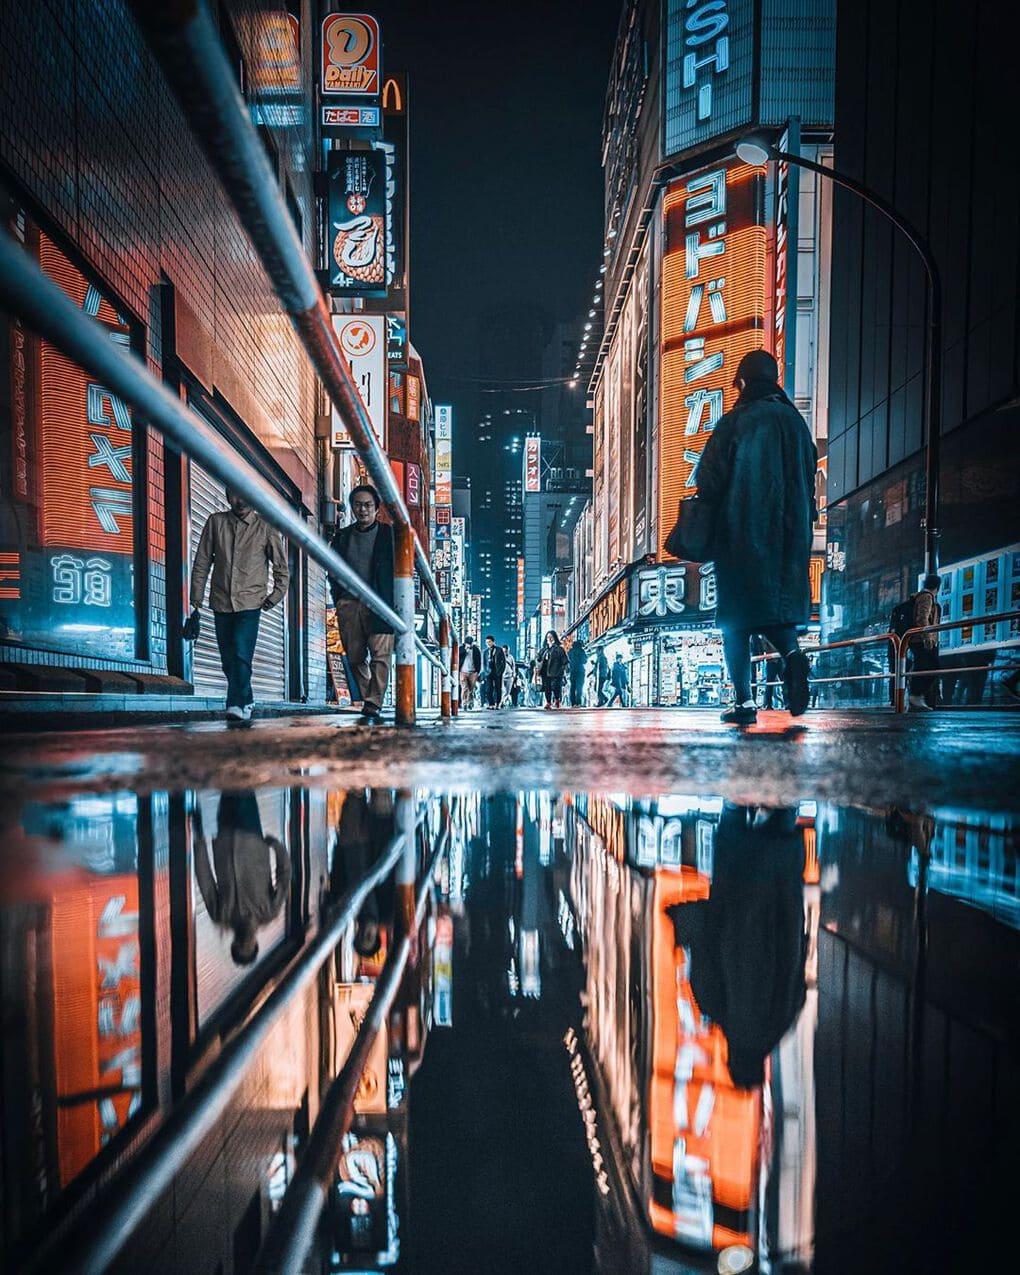 jungraphy 60490947 429287897853297 3732738689457319299 n - 25 работ фотографа из Токио, которые погрузят вас в магическую атмосферу ночных японских улиц